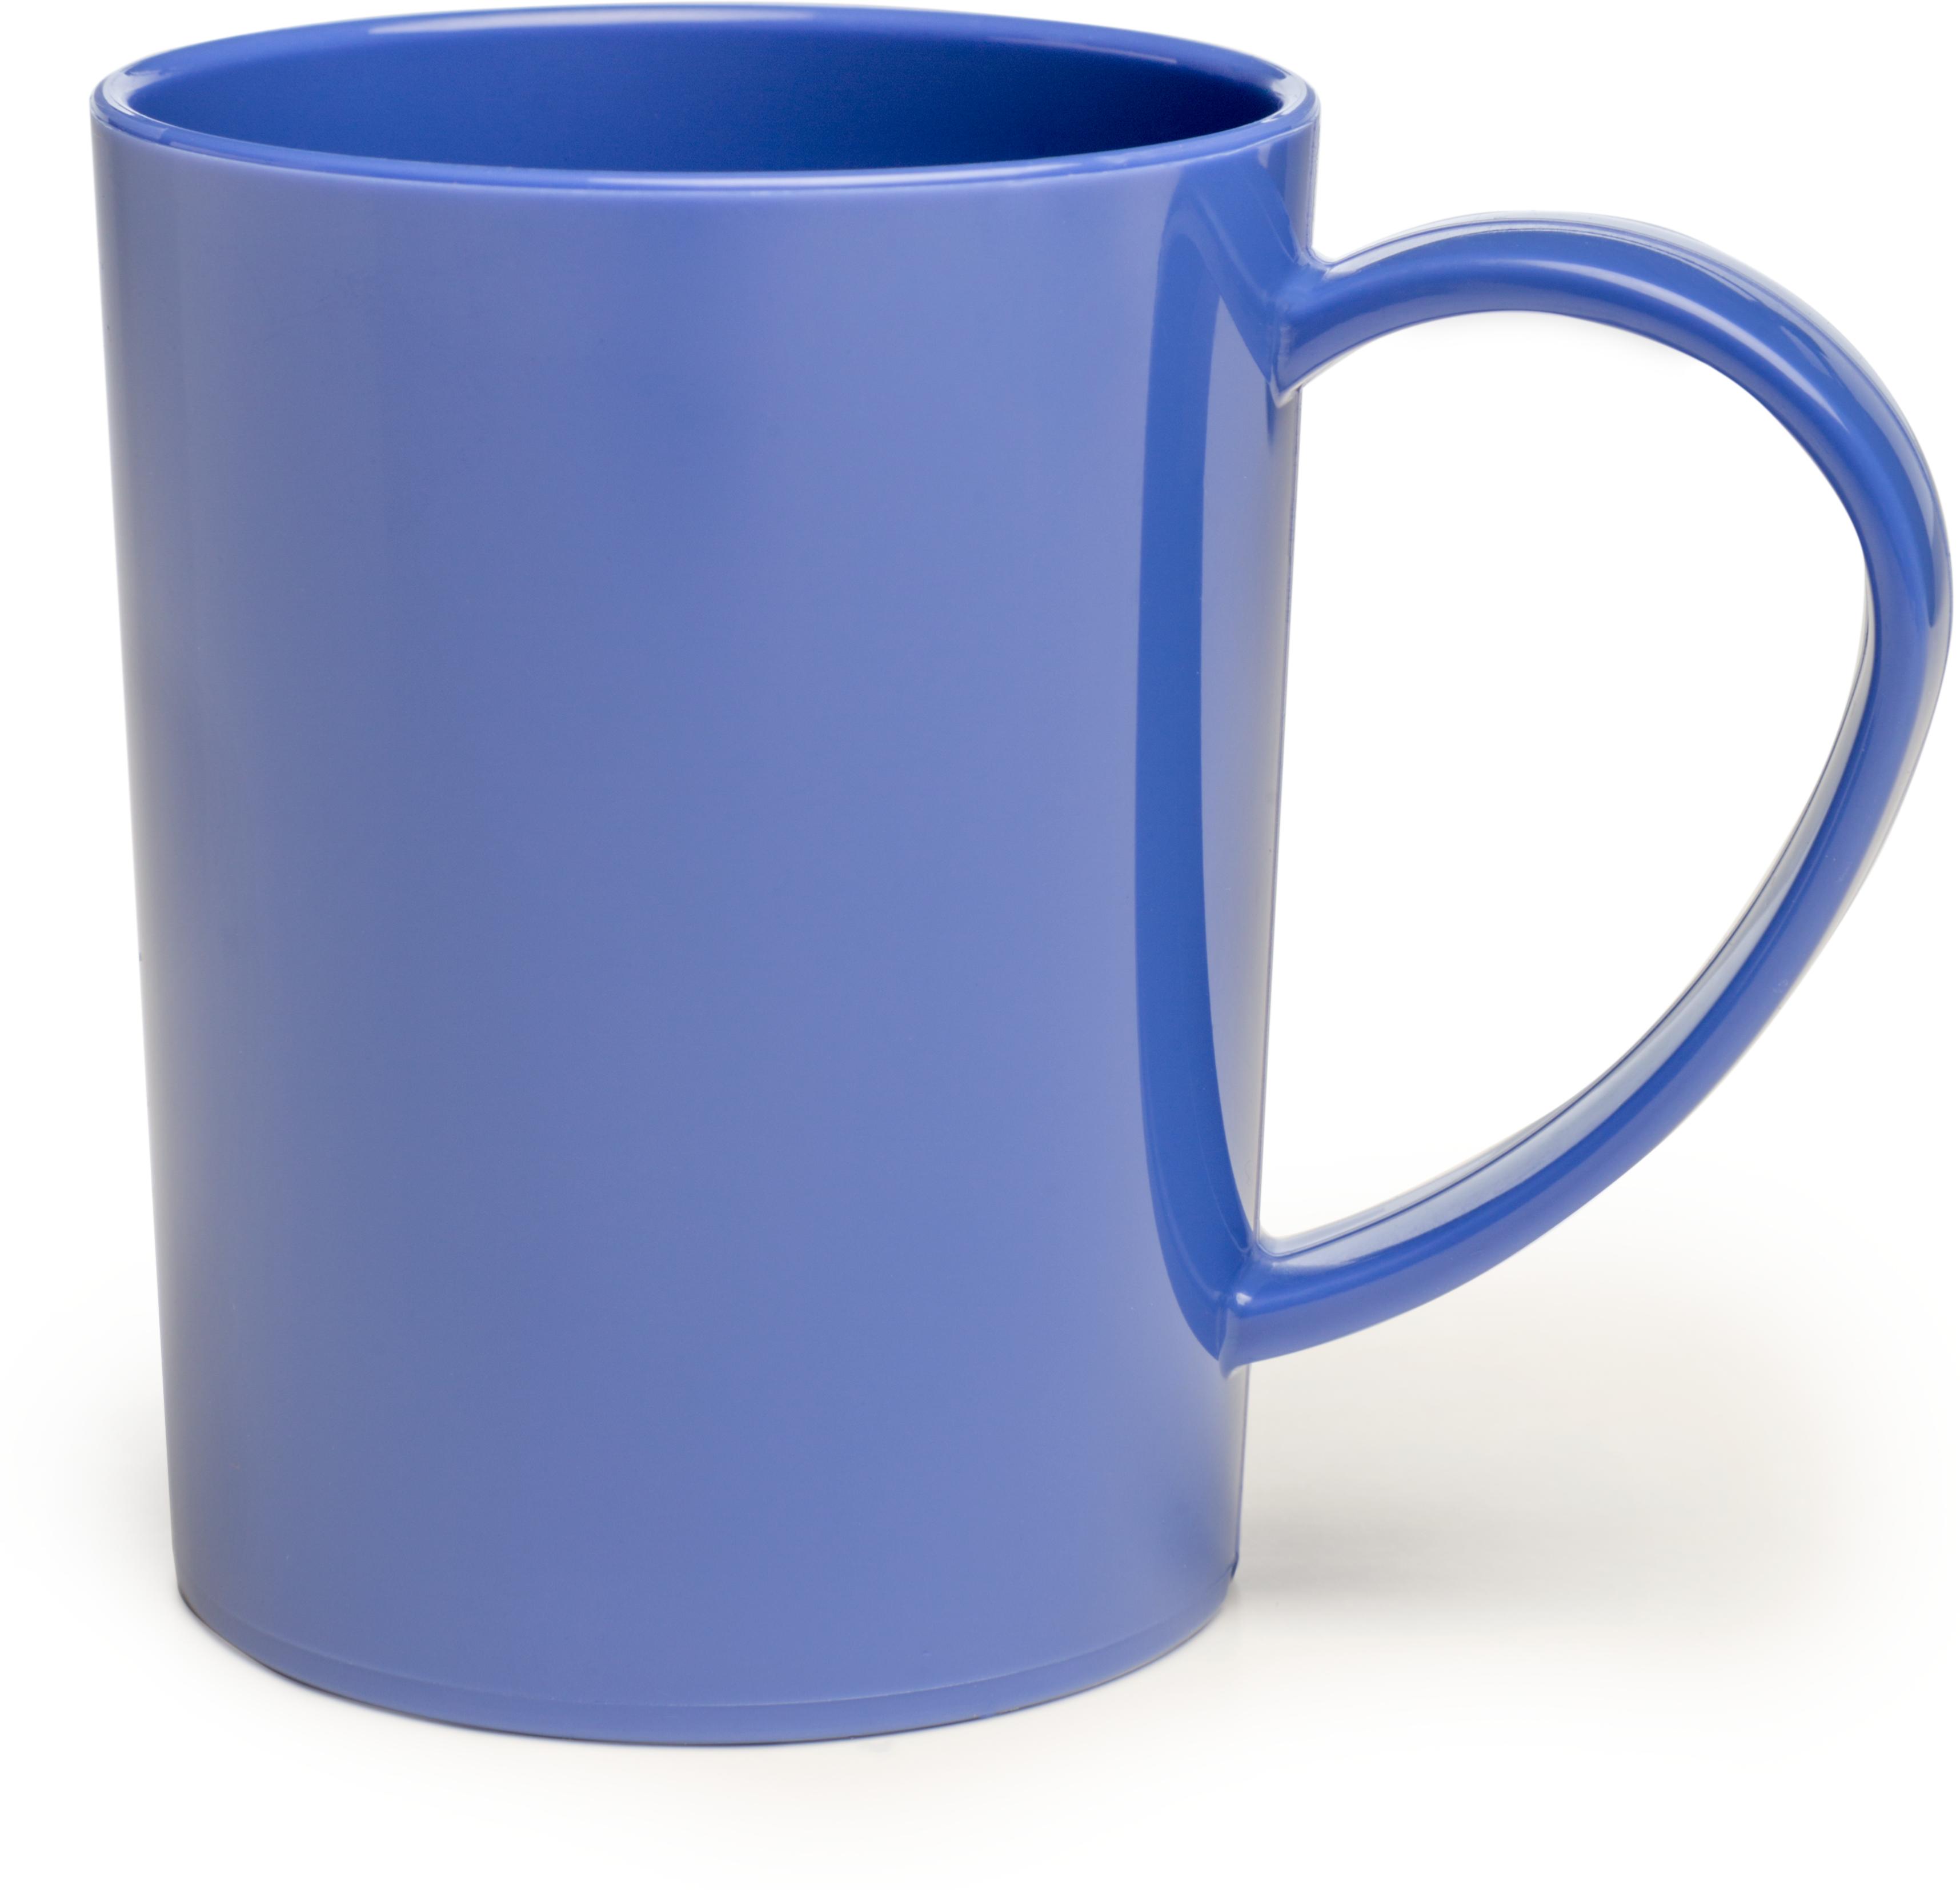 Carlisle Mug 8 oz - Ocean Blue